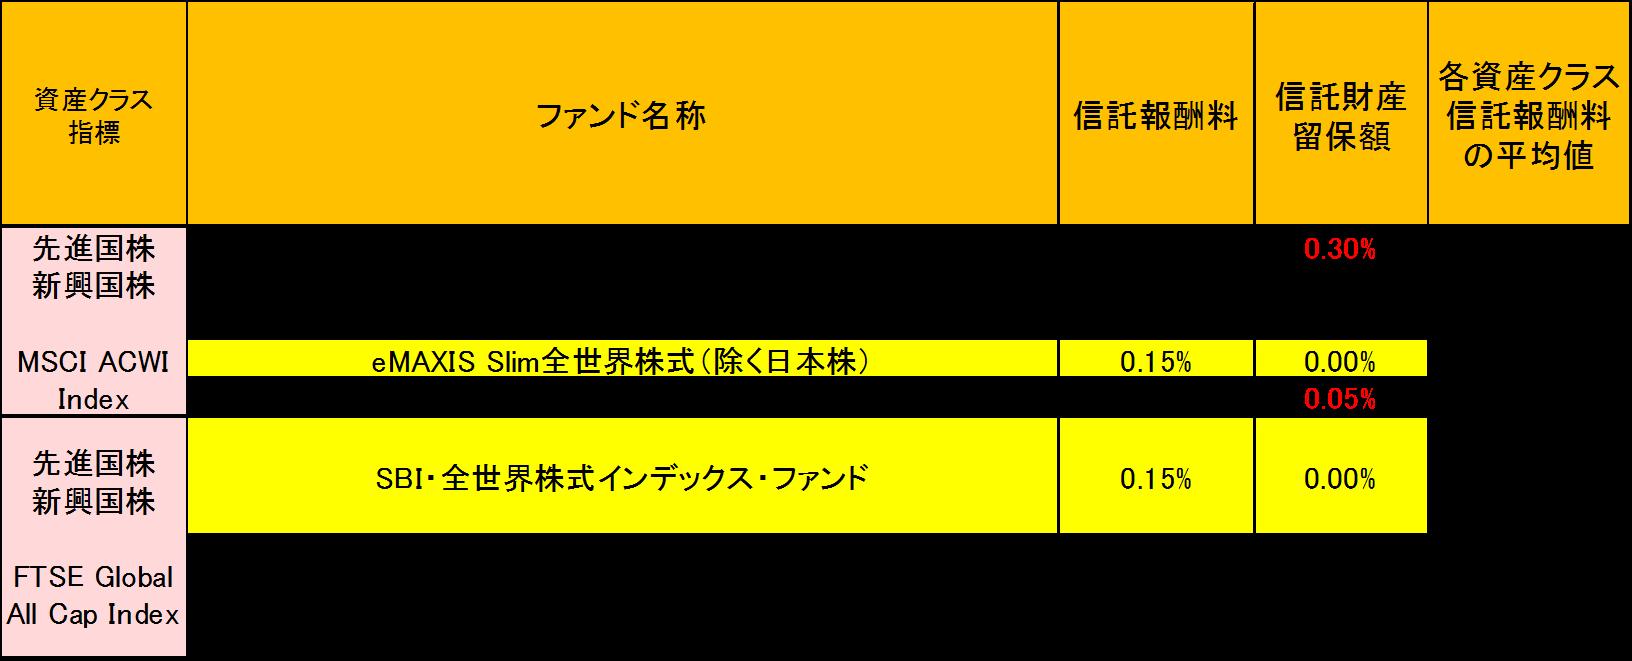 tsumitatenisa_senshinkoku_shinkoukoku_kabu_tesuuryou